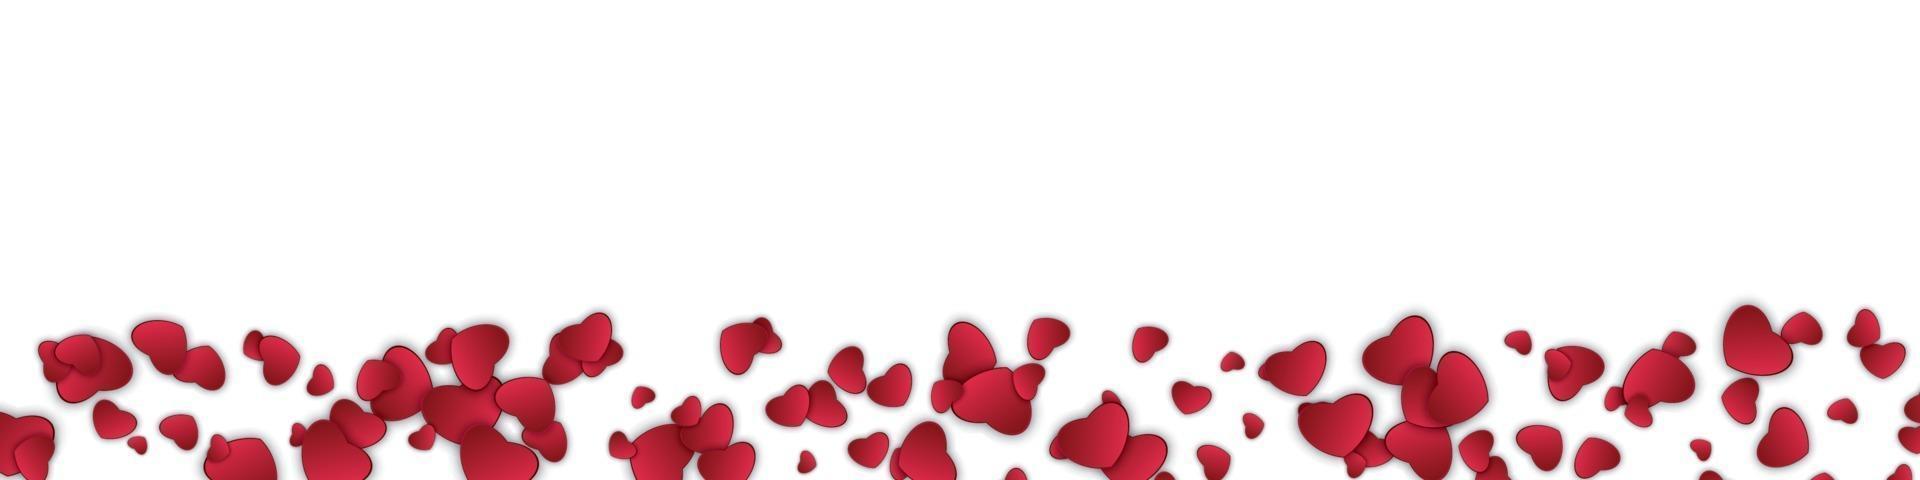 glad Alla hjärtans dag banner. papperskonst, kärlek och äktenskap. röd papper hjärta isolerade vit bakgrund. vektor design illustration